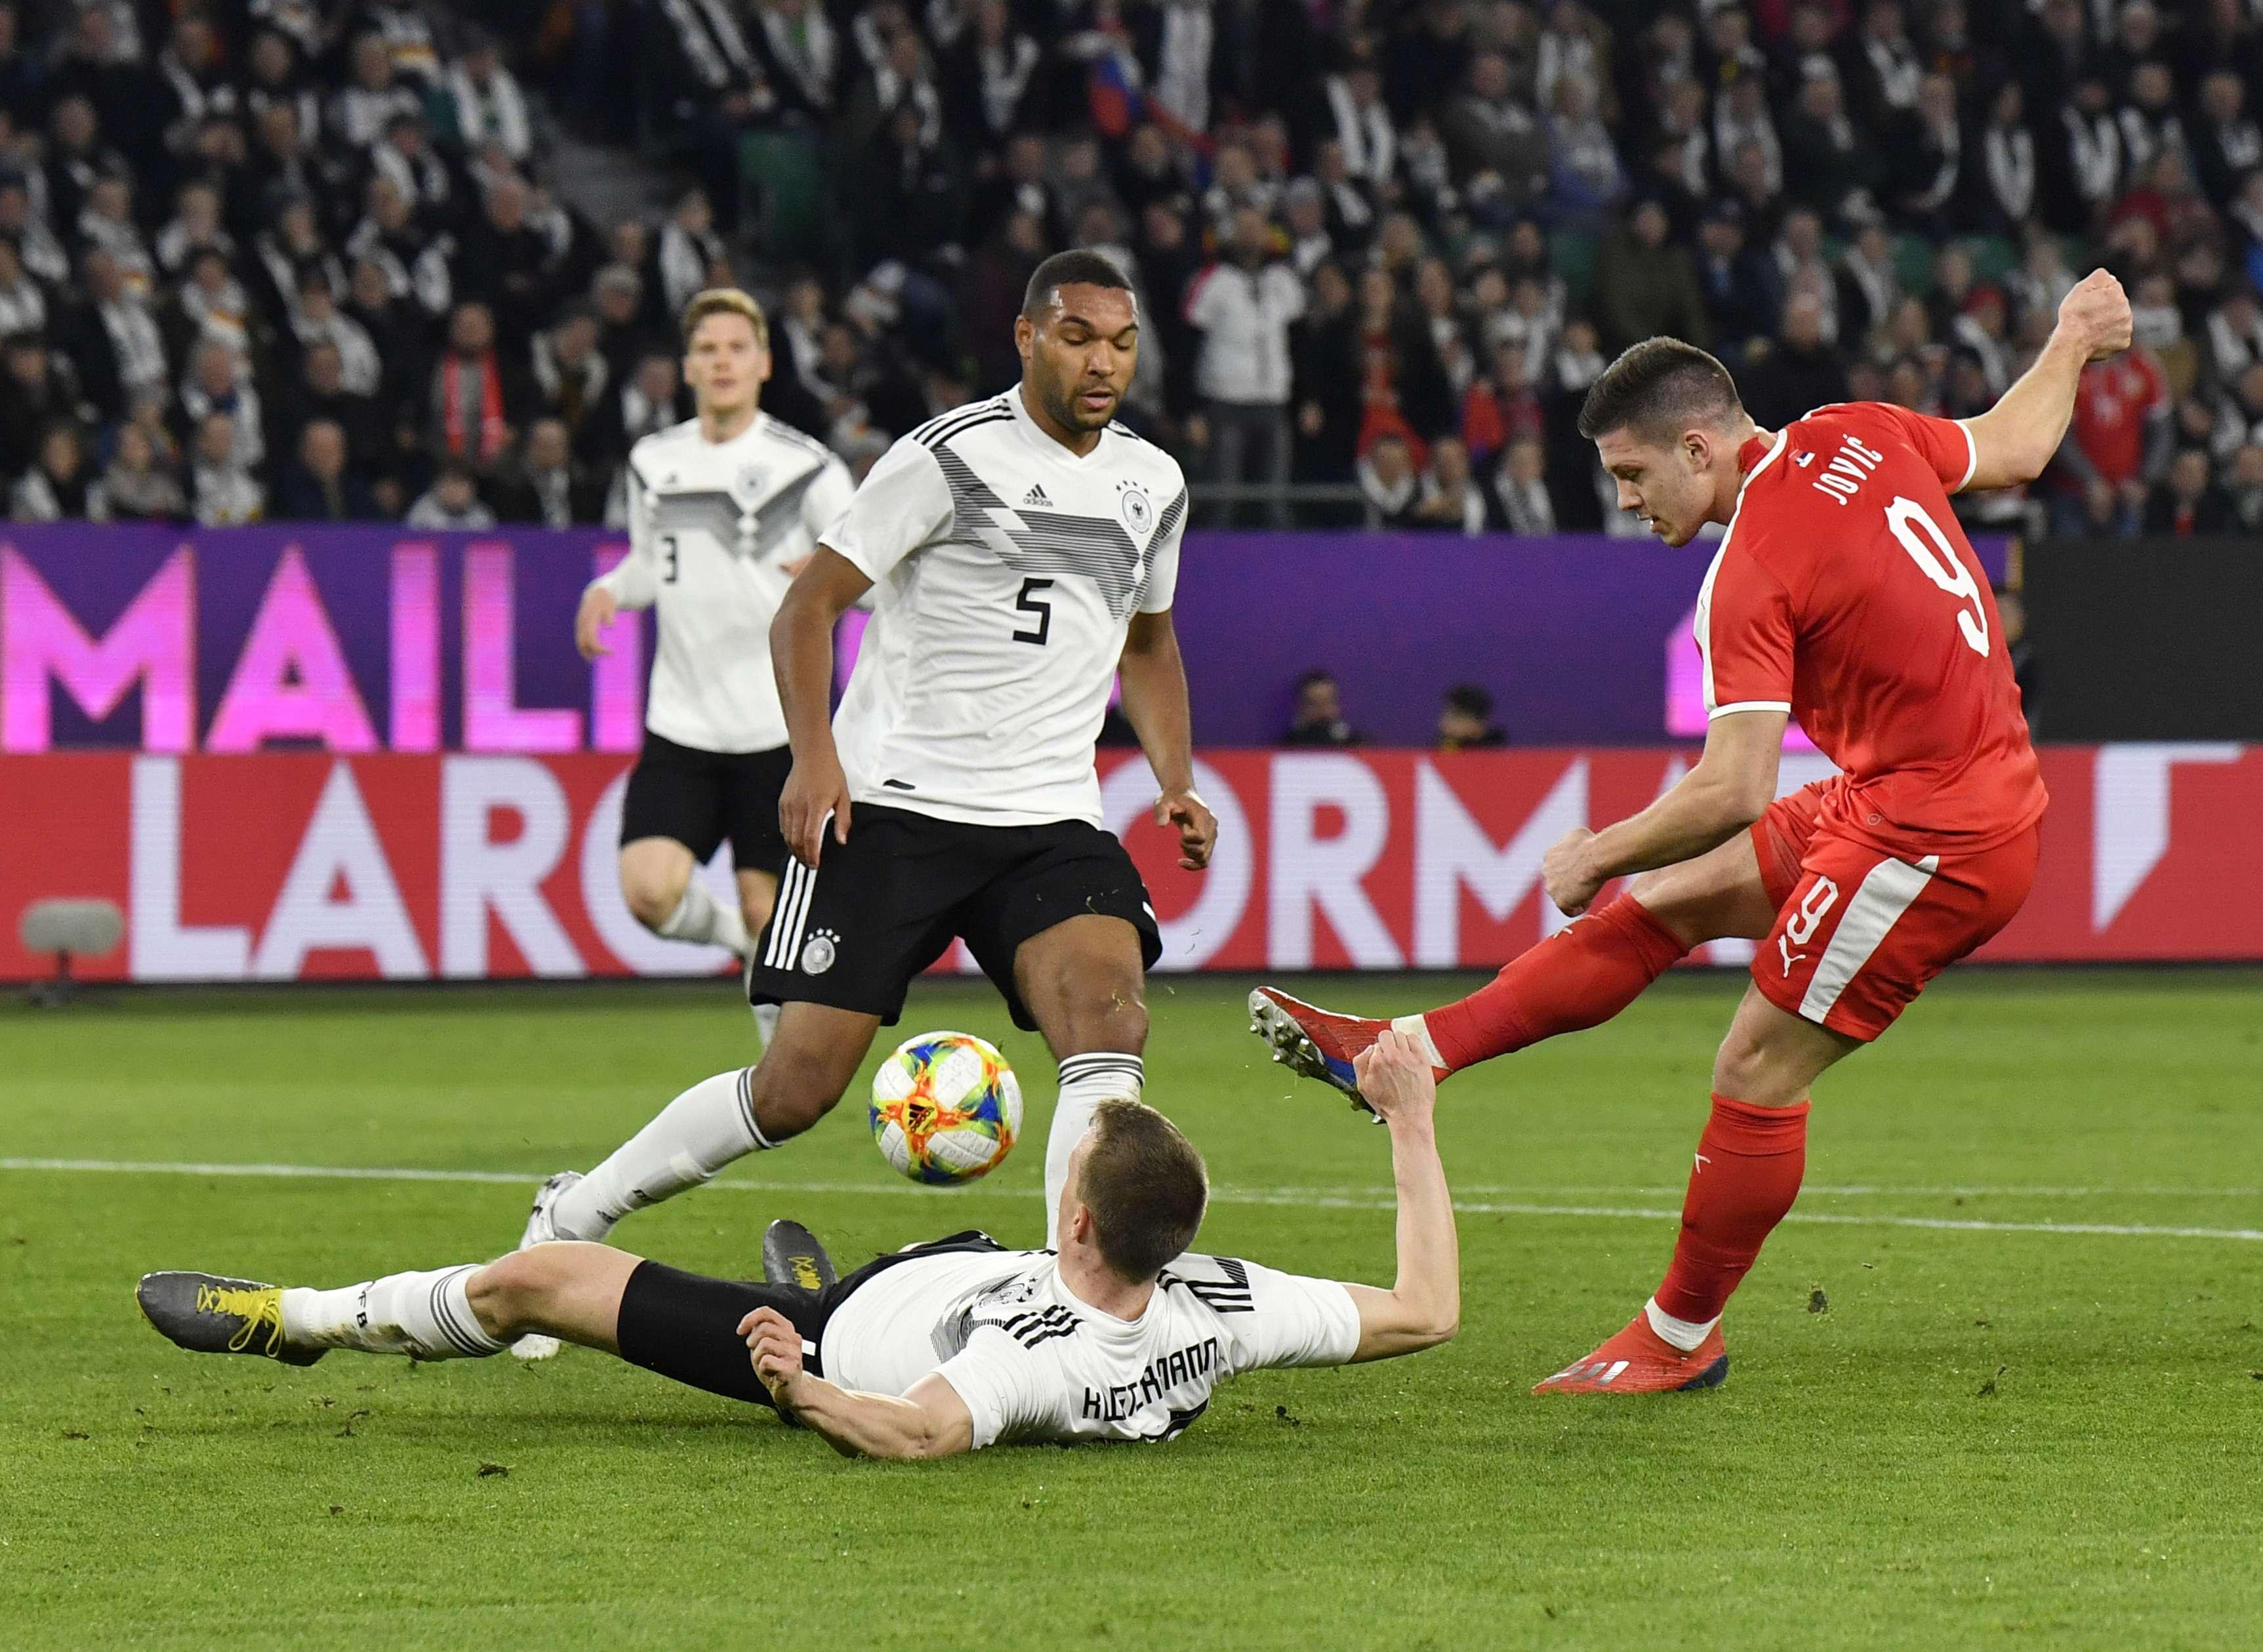 Alemania rescata empate 1-1 con Serbia en amistoso